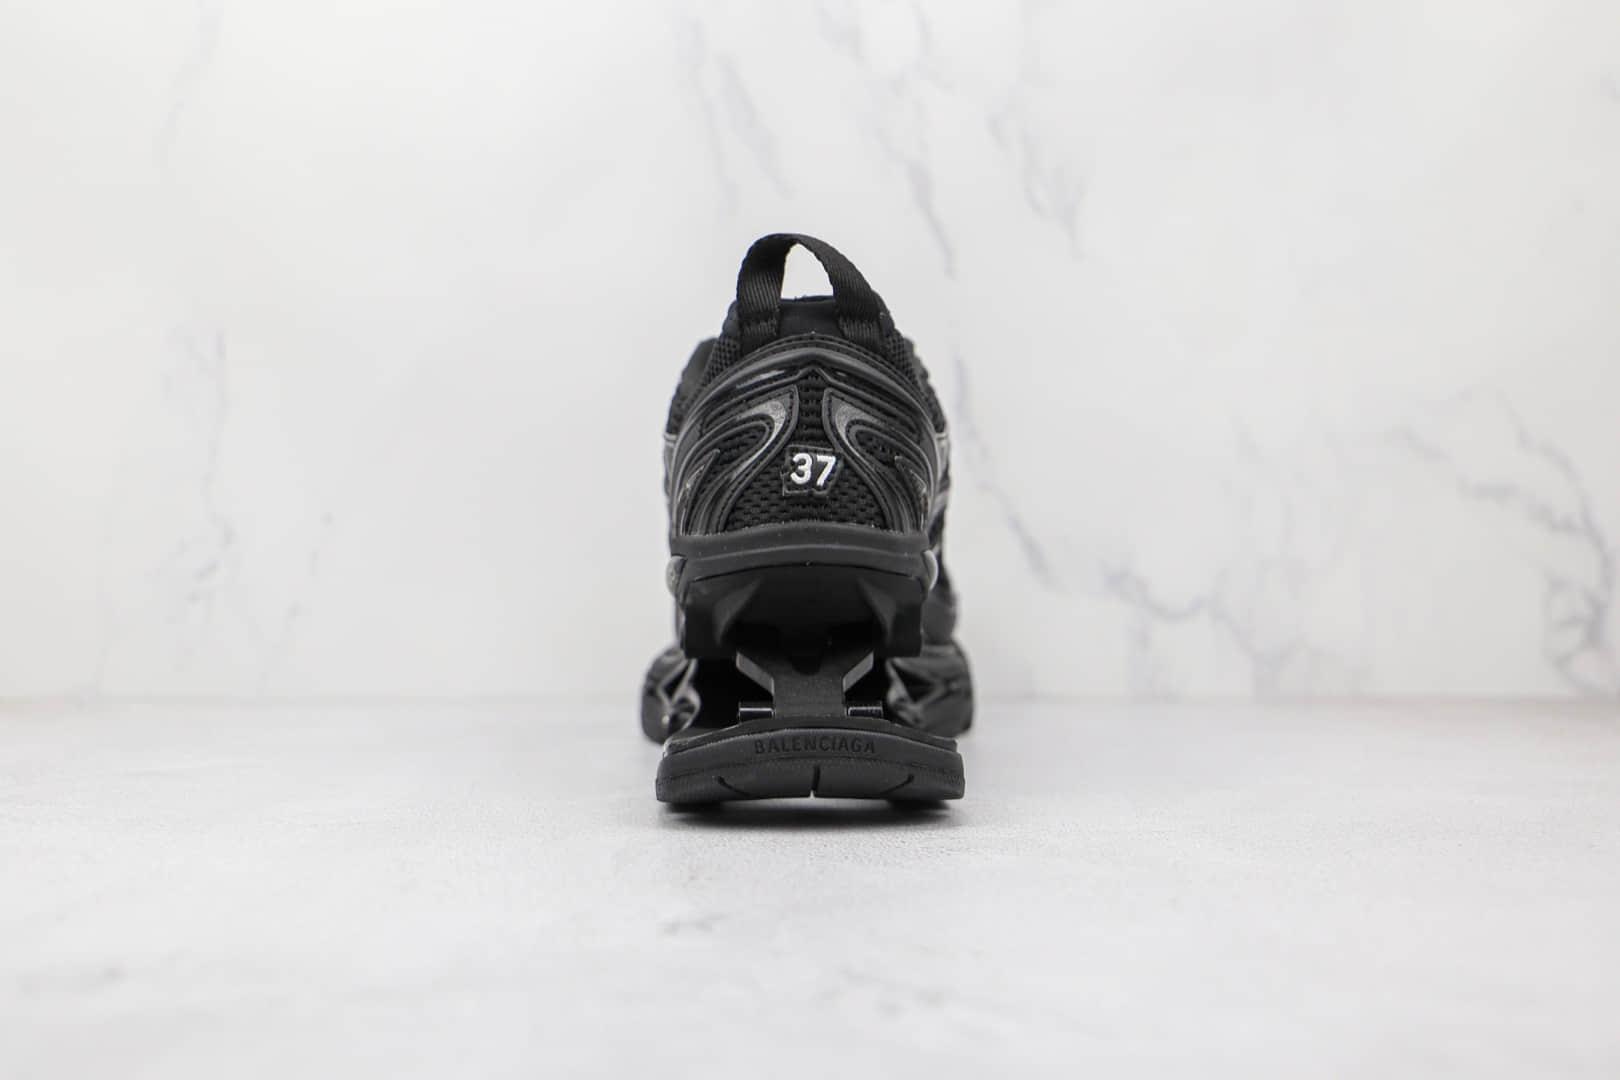 巴黎世家Balenciaga X-Pander纯原版本复古做旧增高弹簧运动老爹鞋原盒原标